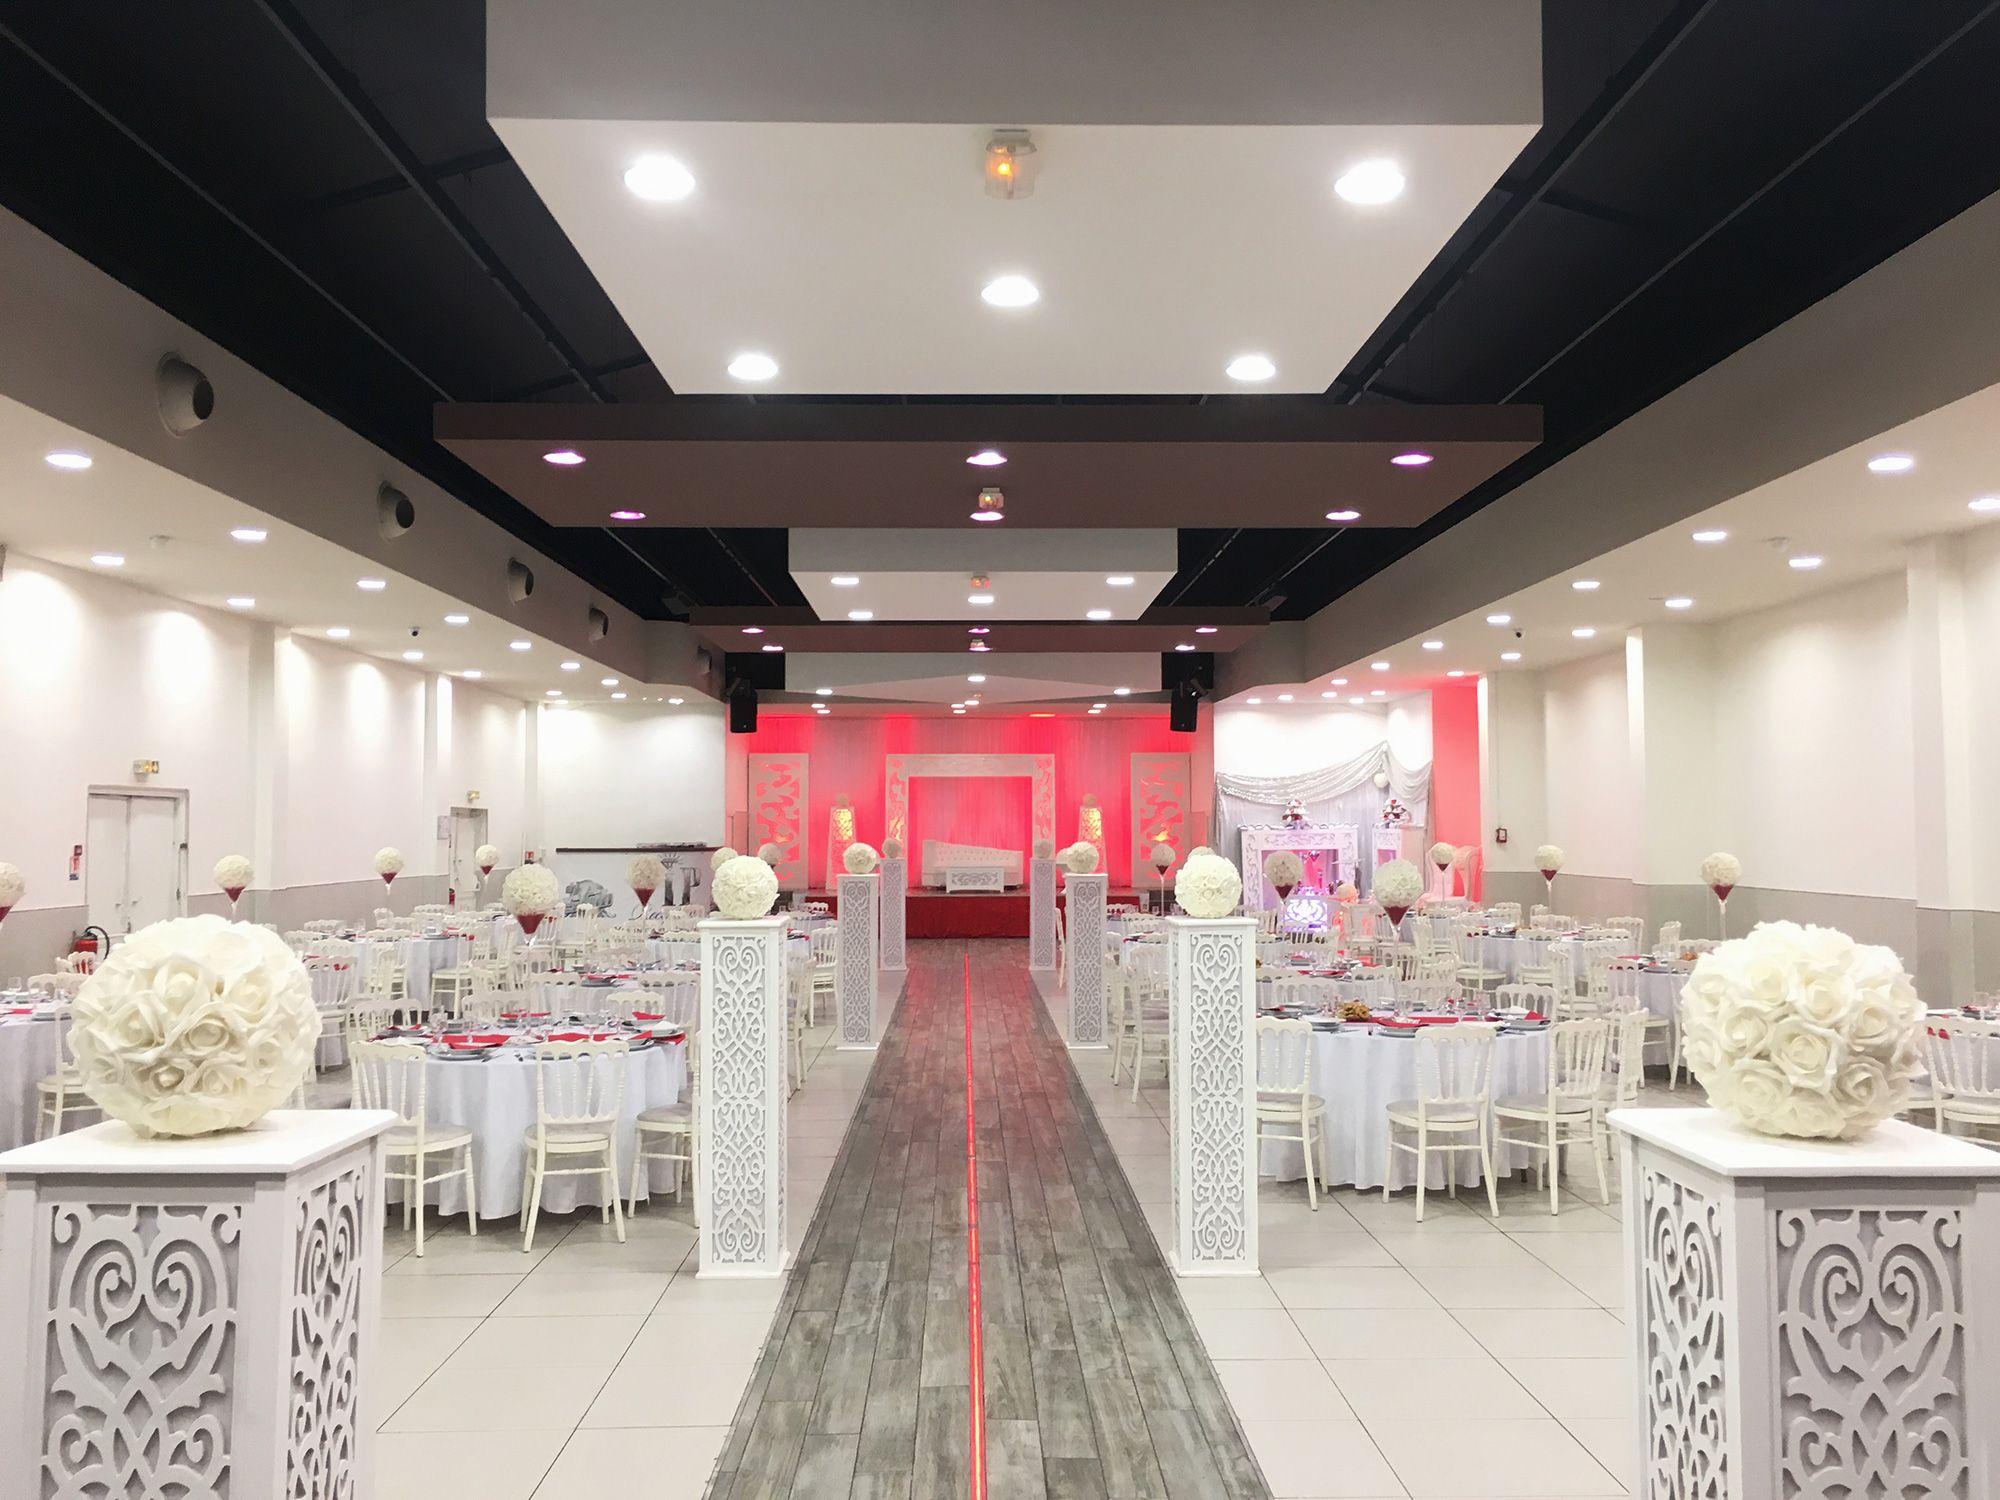 Salle De Mariage Luxe Concernant Vip Reception Salle De